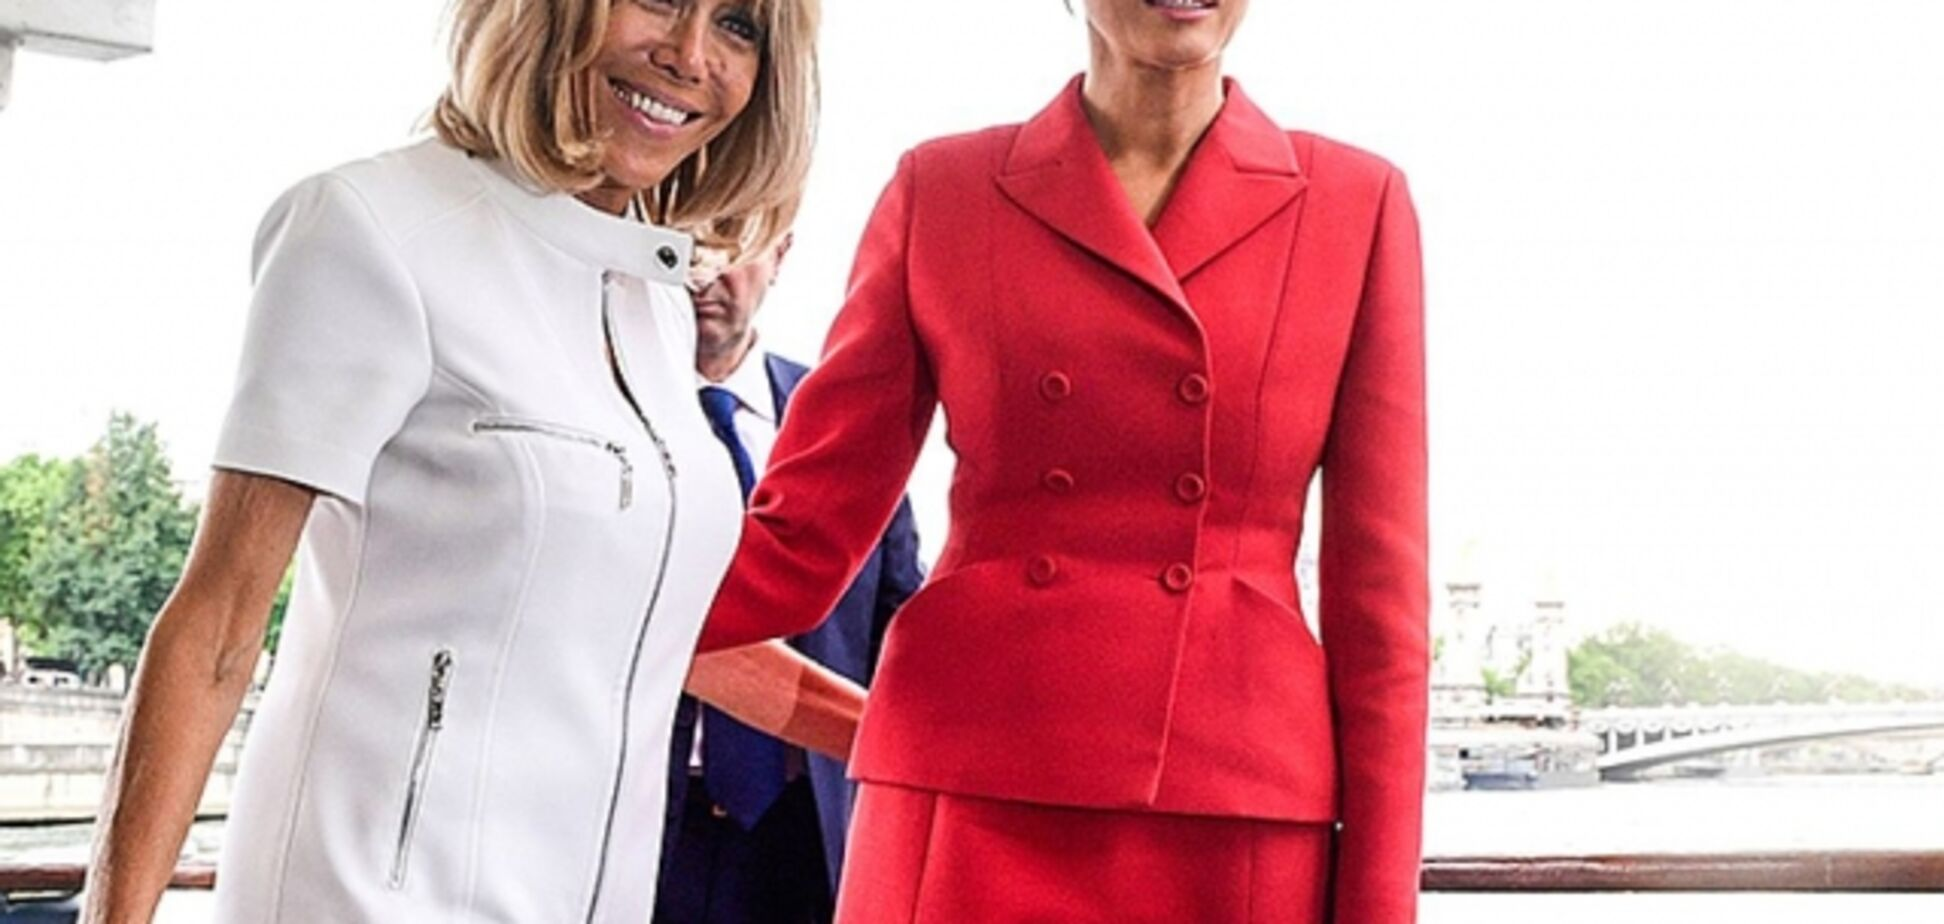 Меланию Трамп и Бриджит Макрон 'подловили' на дружеском общении